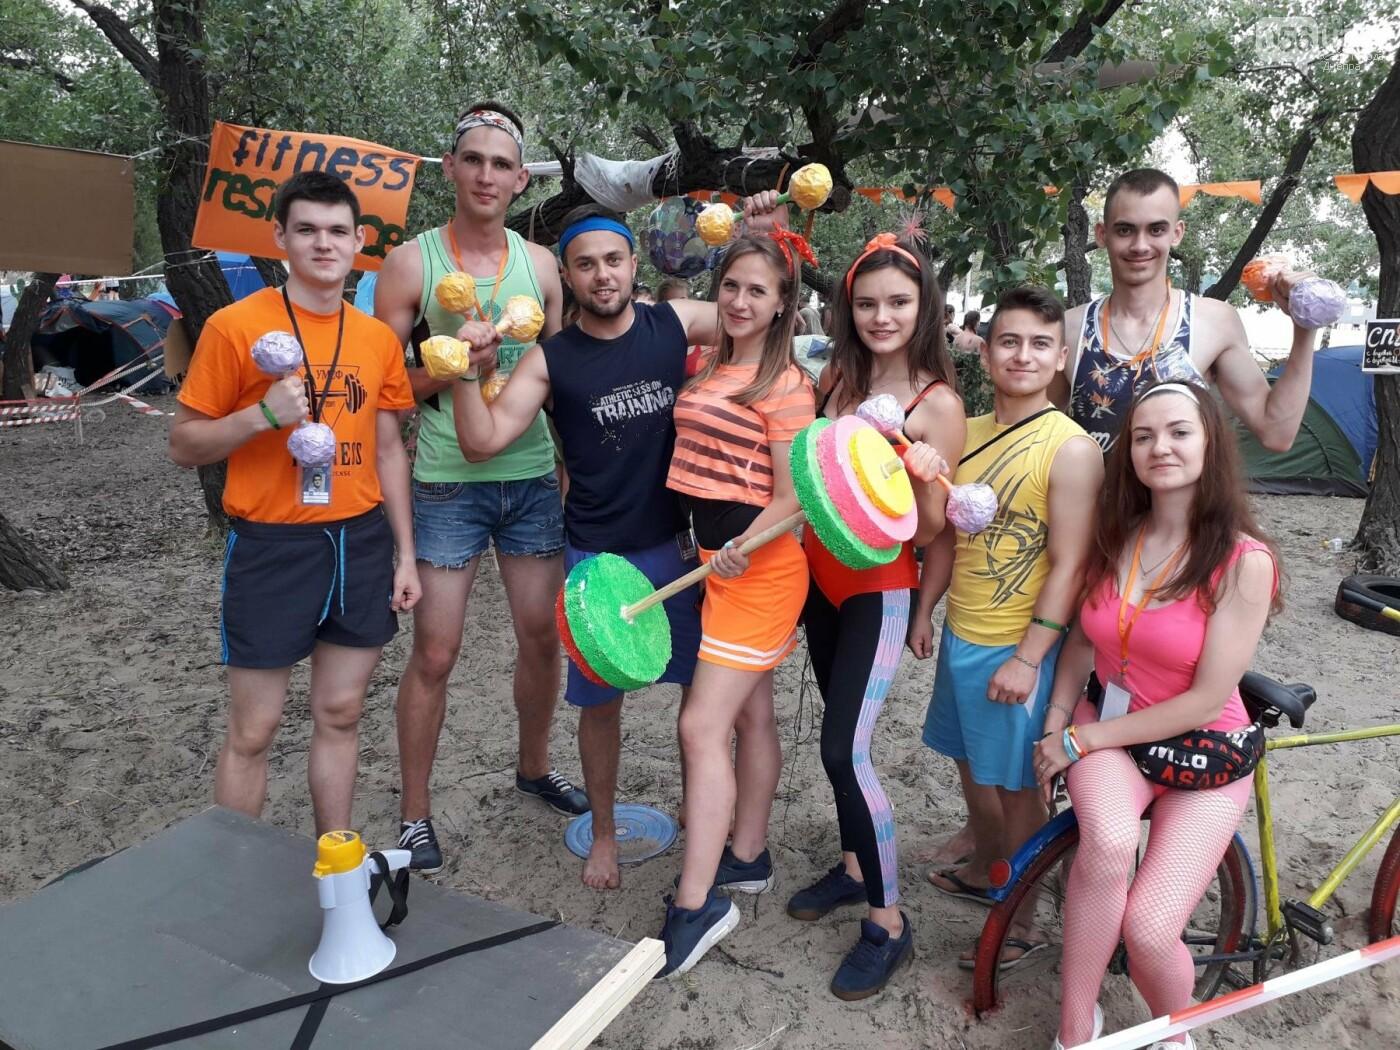 В Днепре стартовал масштабный молодежный фестиваль: как прошло открытие,  - ФОТО, фото-13